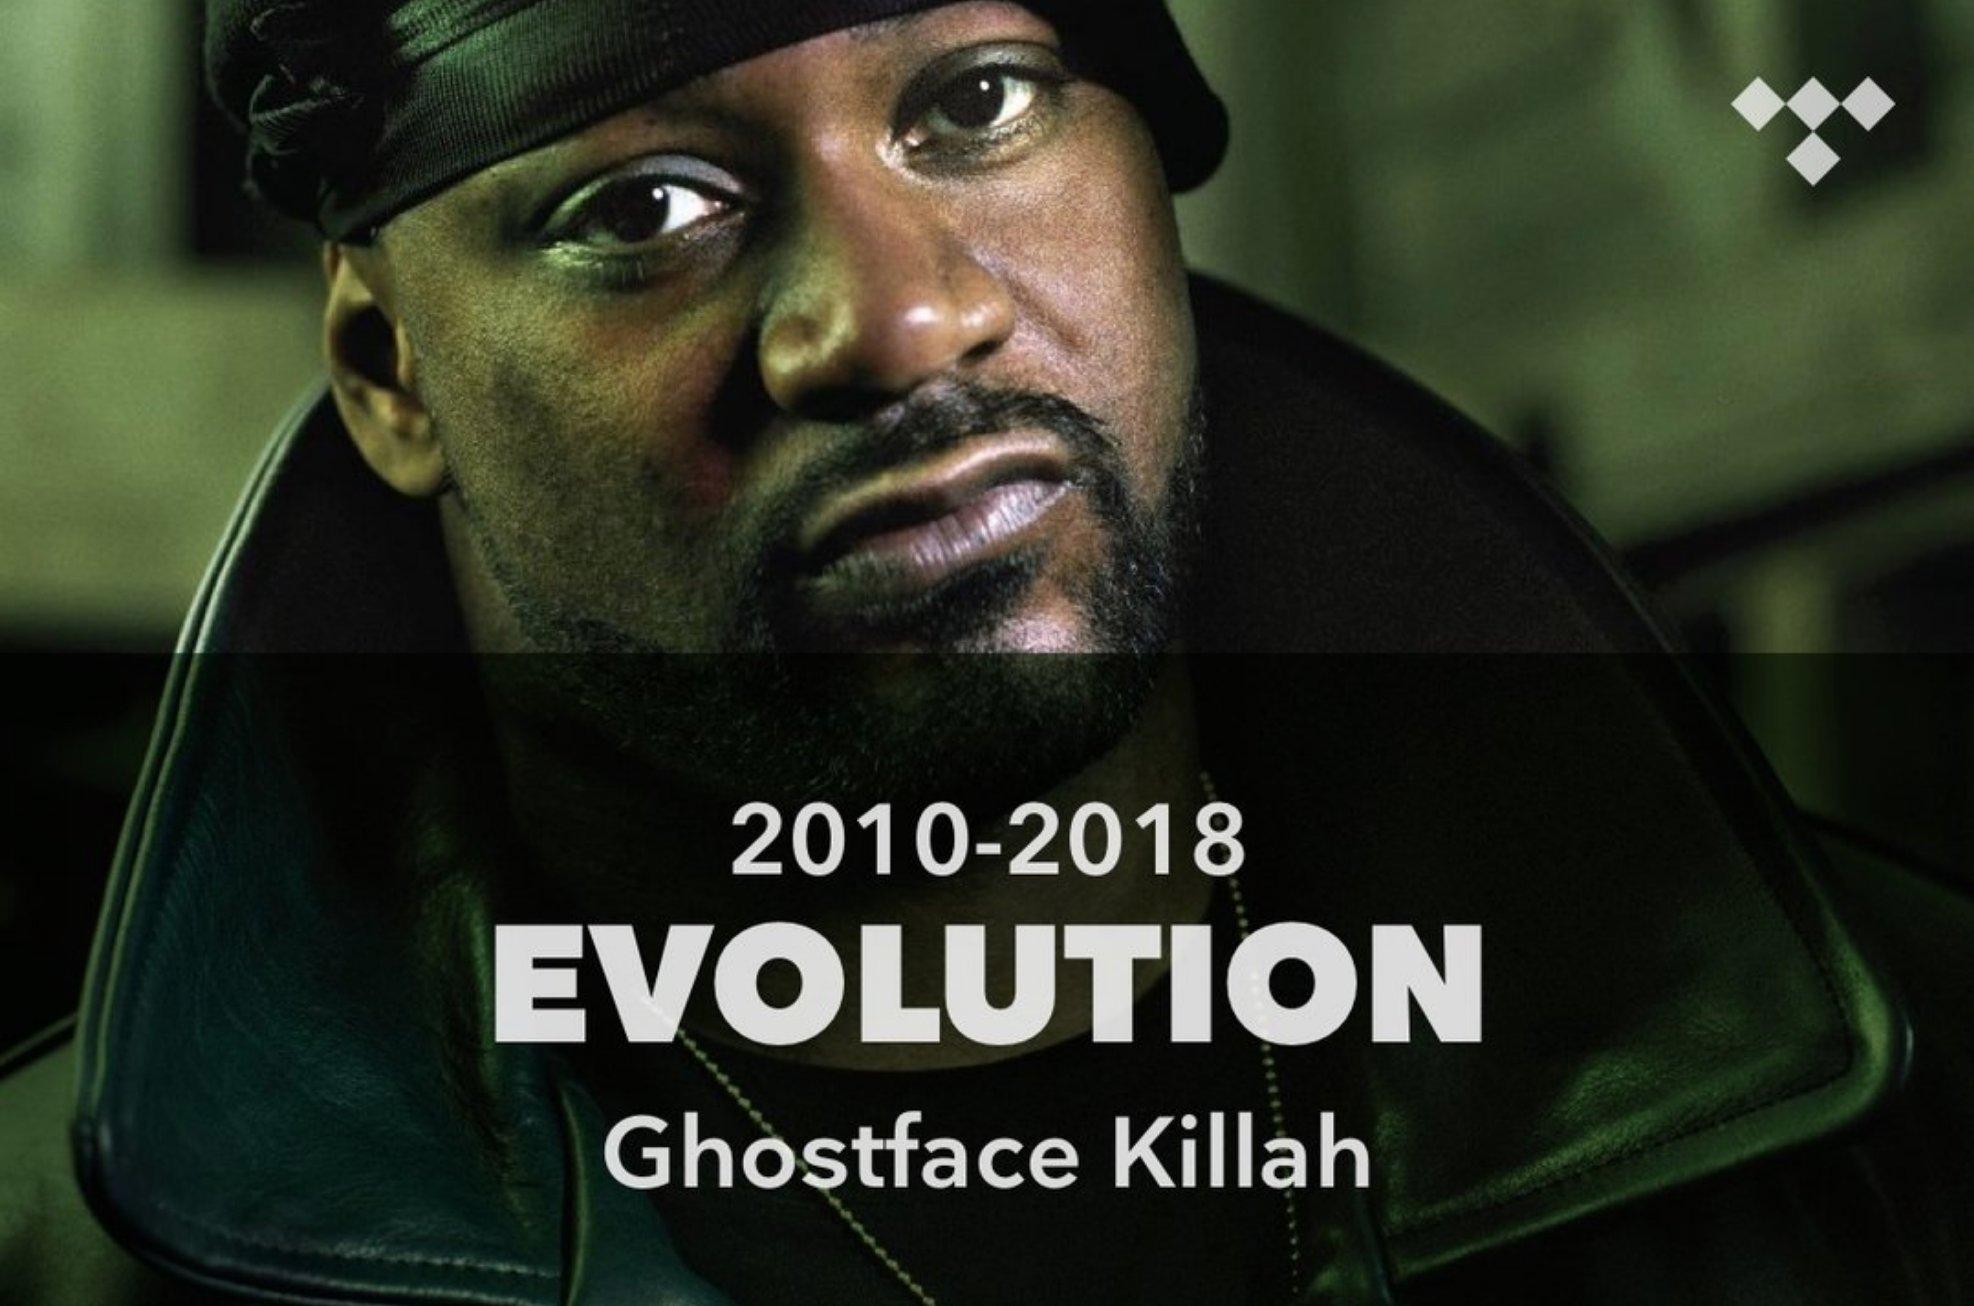 Evolution: Ghostface Killah (2010-2018) https://t.co/G89Ufq2Q1s #TIDAL https://t.co/DjGV4ZPtKr